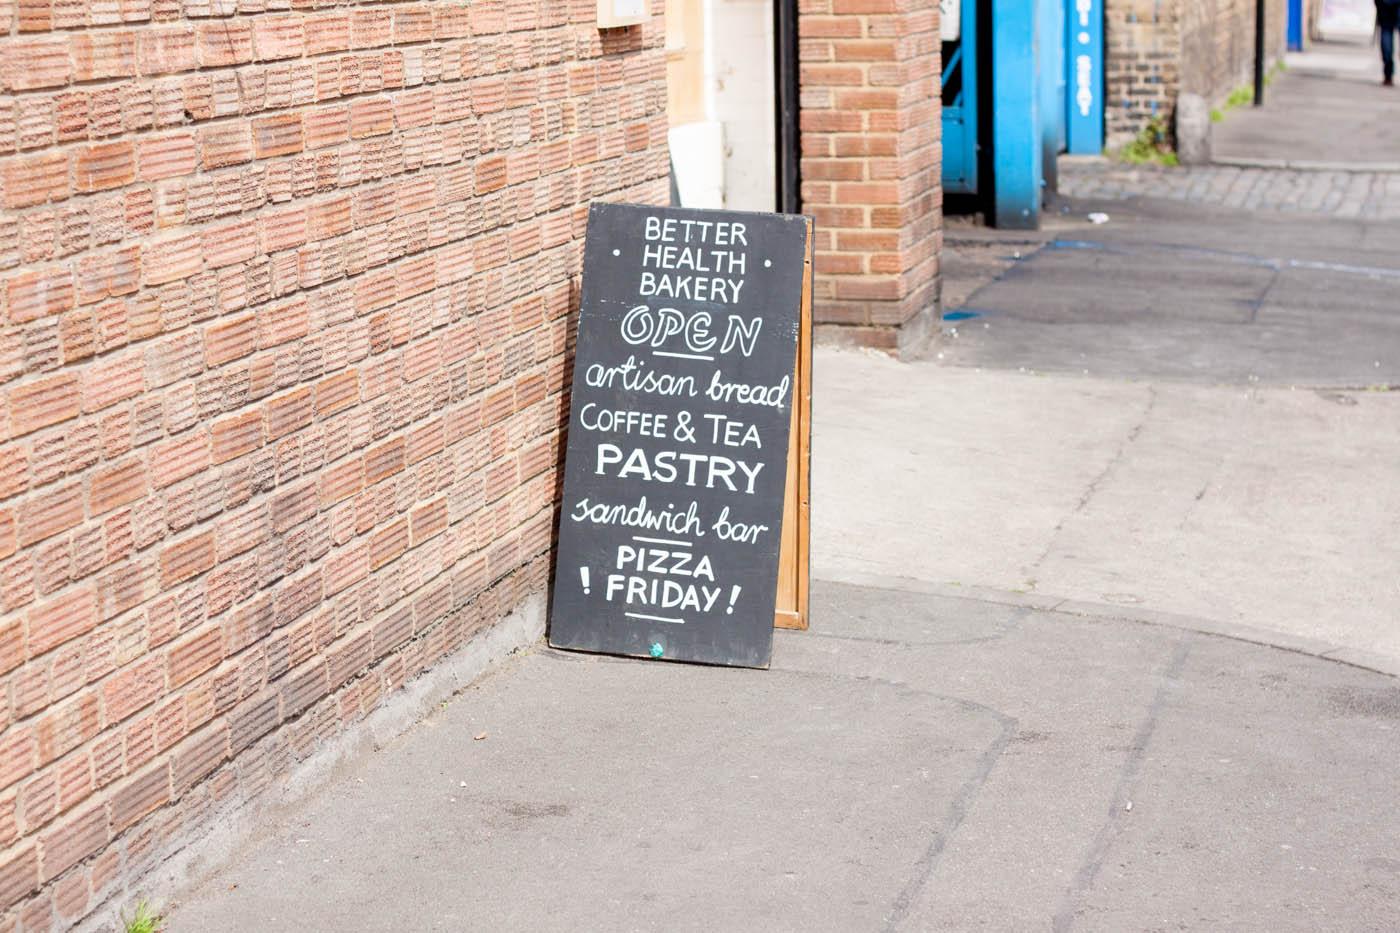 better health bakery